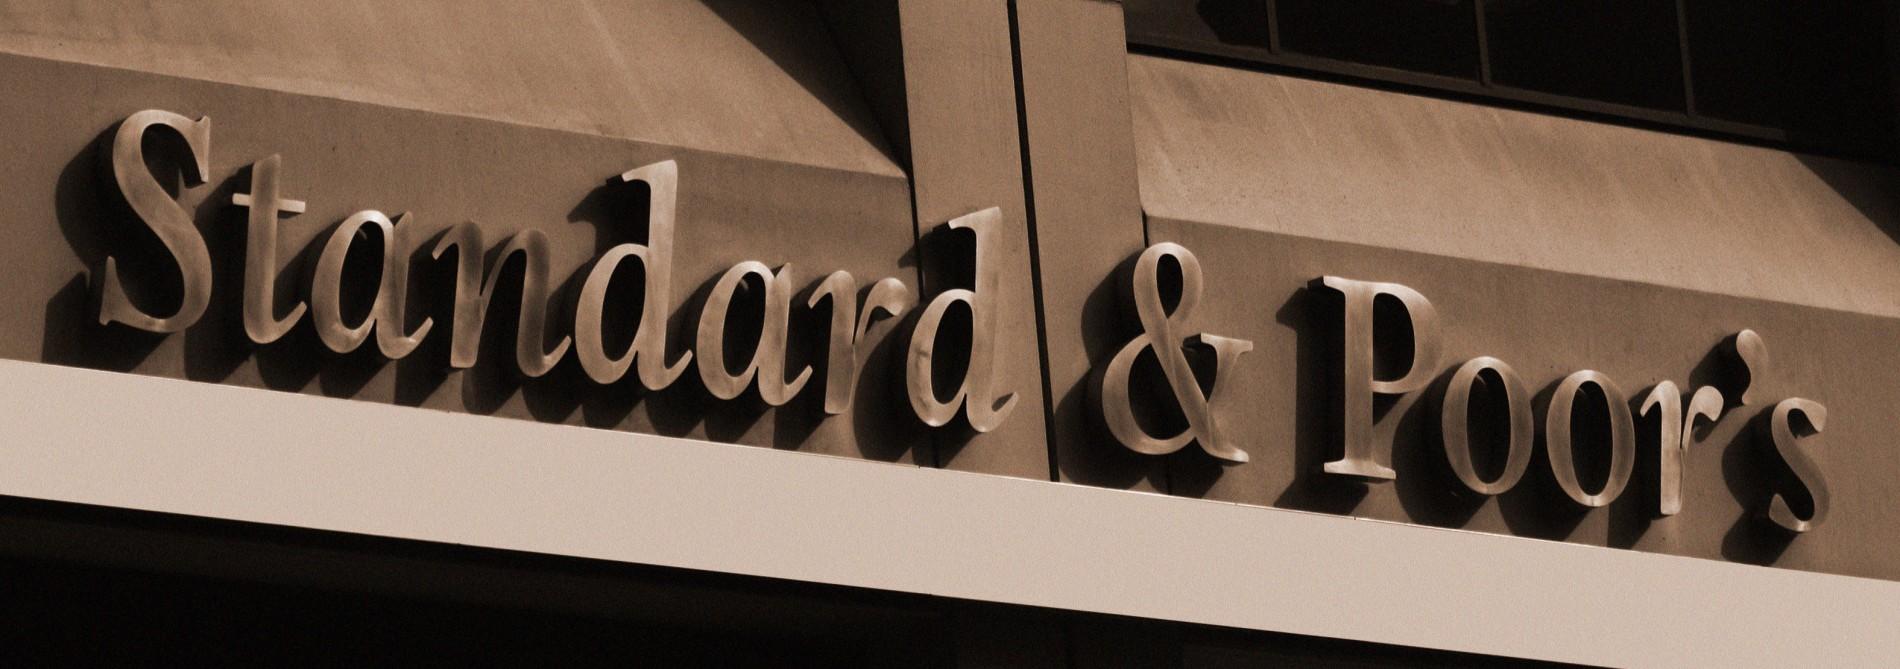 Standard & Poor's destaca el buen comportamiento de la economía andorrana que mejora las previsiones iniciales y la de los países del entorno